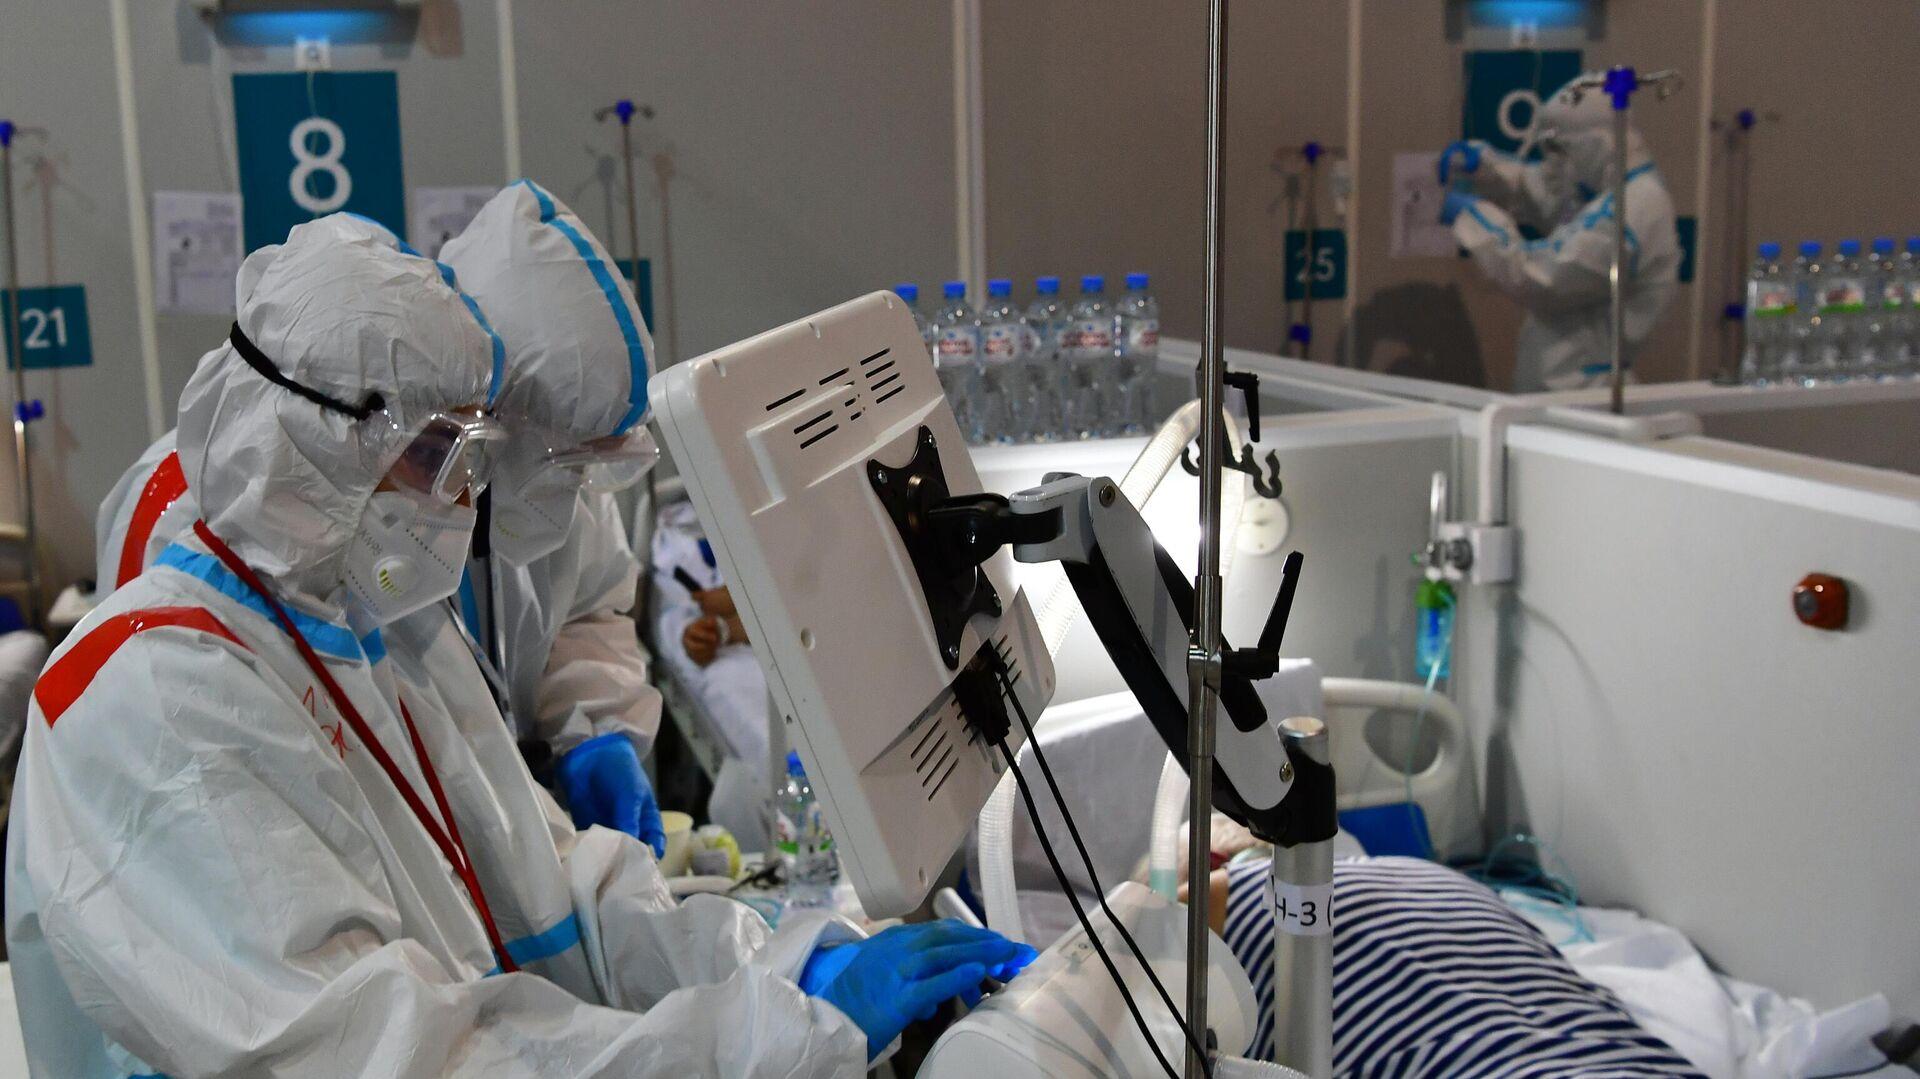 Медицинские работники и пациенты во временном госпитале для пациентов с COVID-19 в конгрессно-выставочном центре Сокольники в Москве - РИА Новости, 1920, 07.07.2021